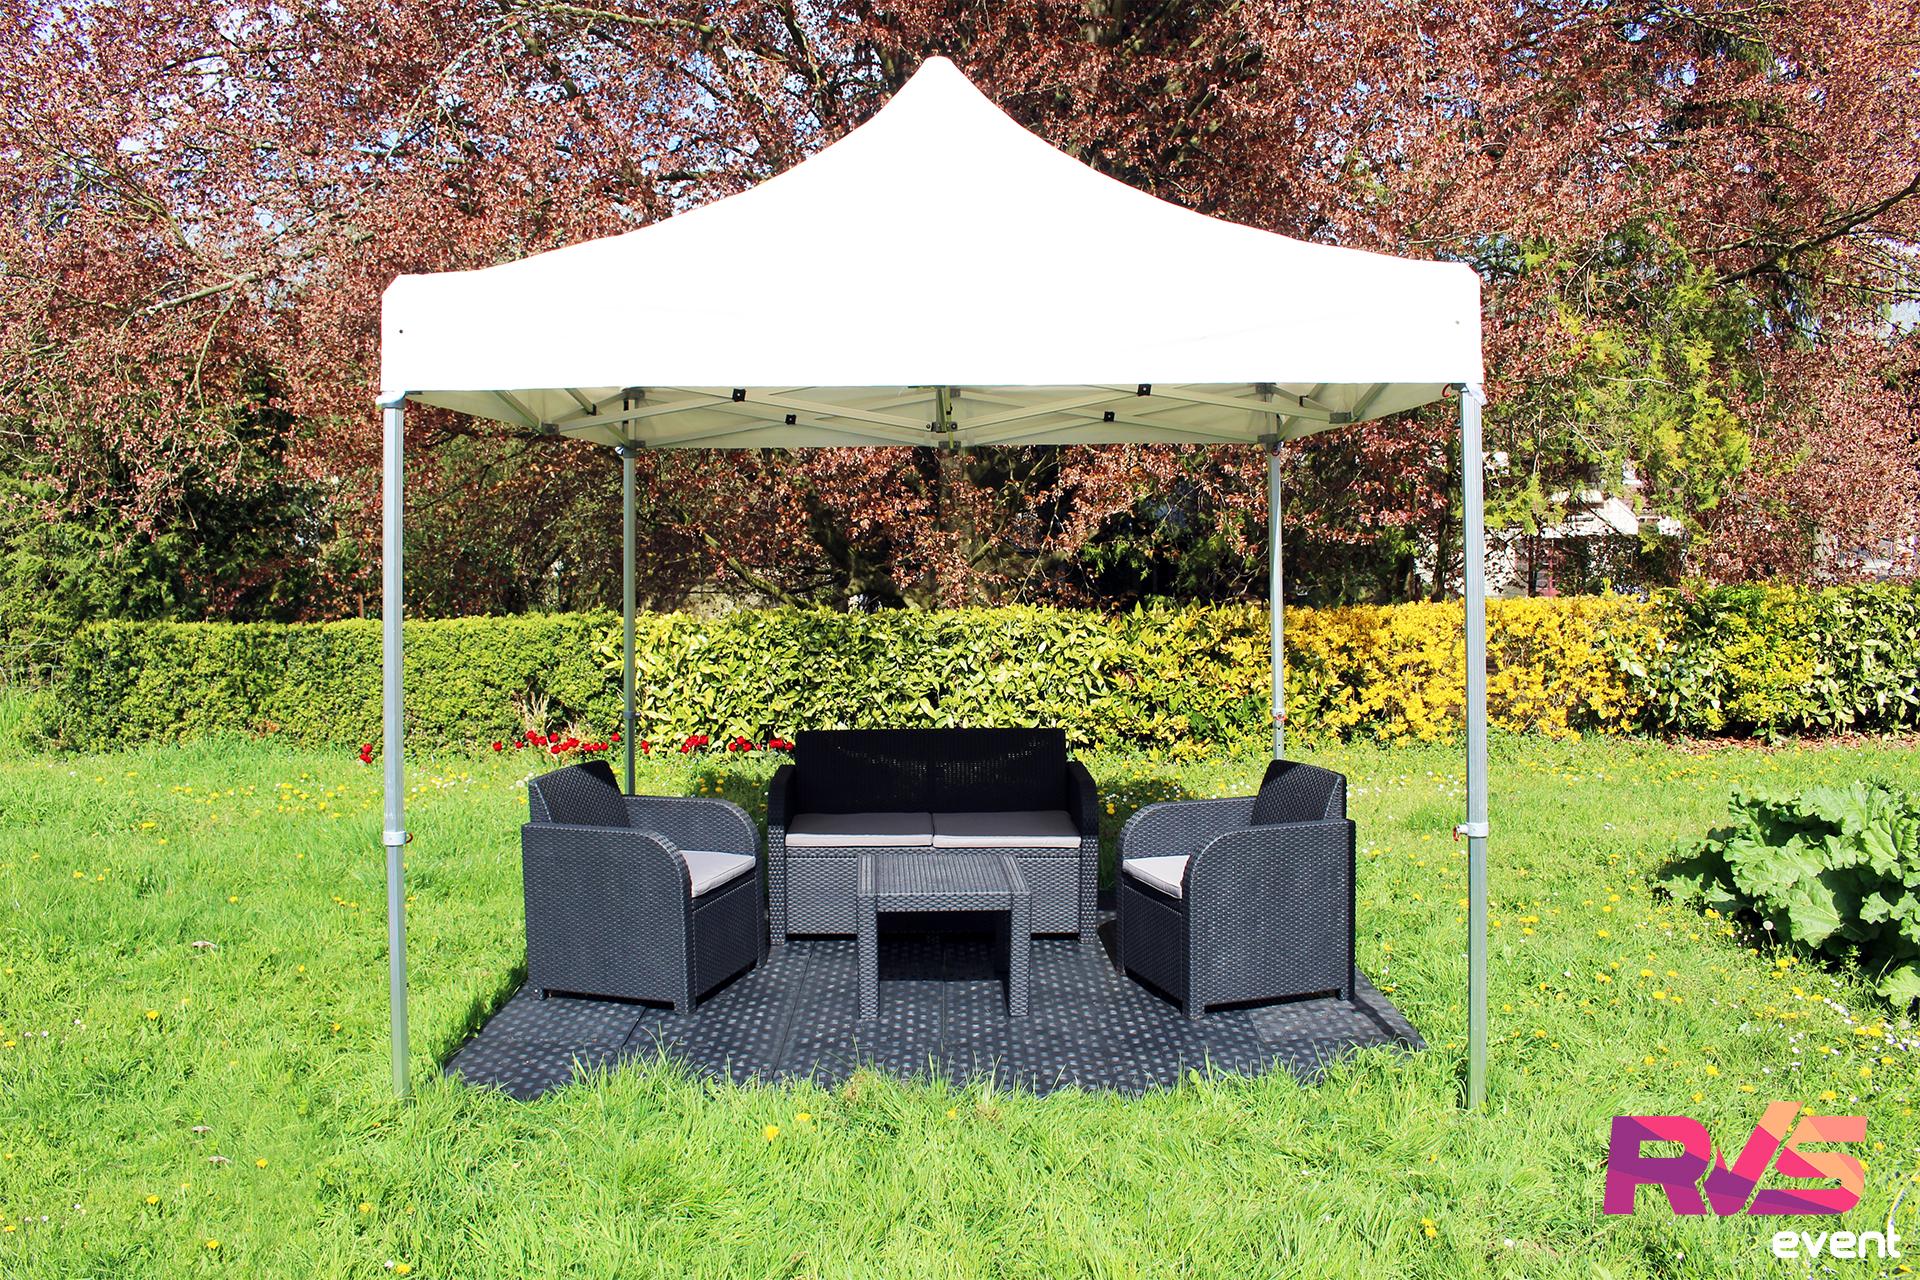 Location tentes 3x3 pliantes rvs event for Salon de jardin ile de france